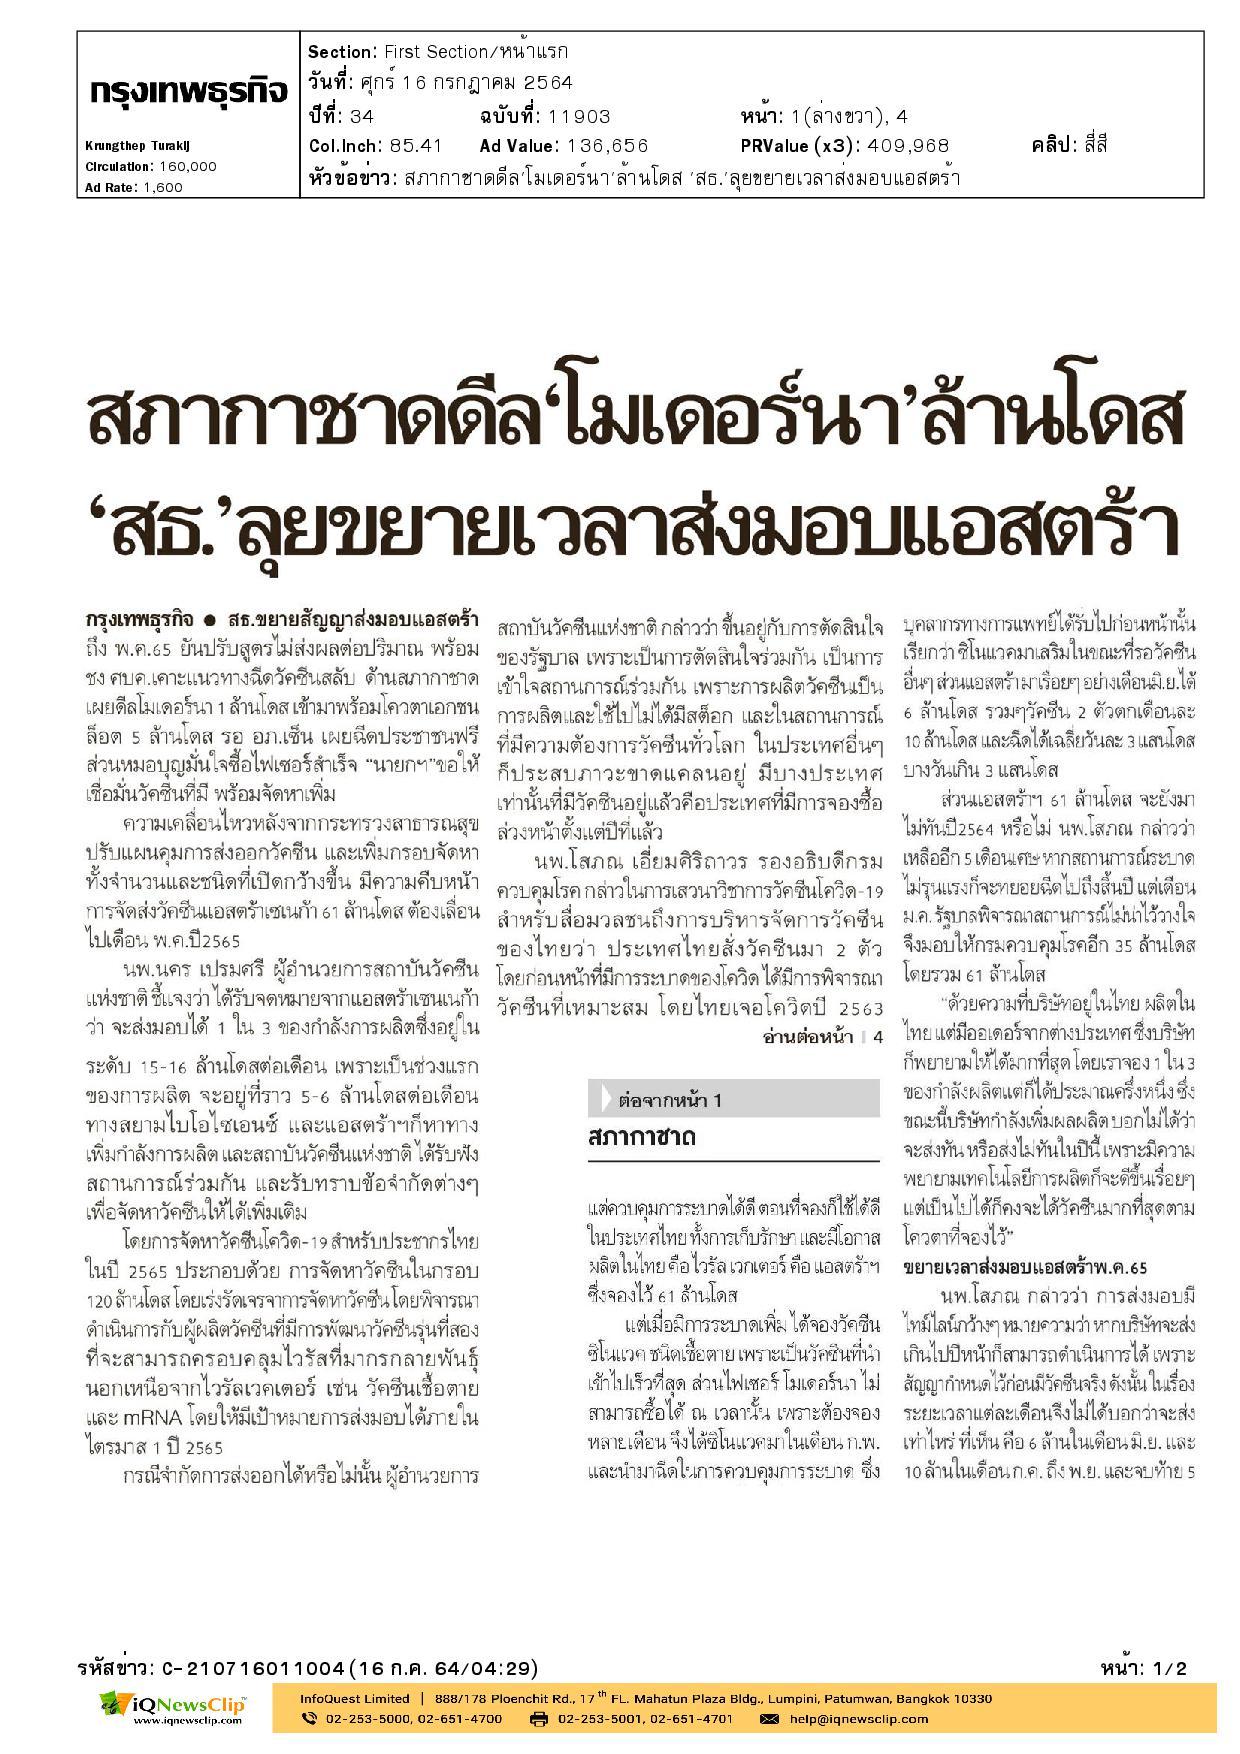 """สภากาชาดไทย เจรจาจัดซื้อวัคซีนทางเลือก """"โมเดอร์นา""""  ฉีดประชาชนฟรีไม่มีค่าใช้จ่าย"""